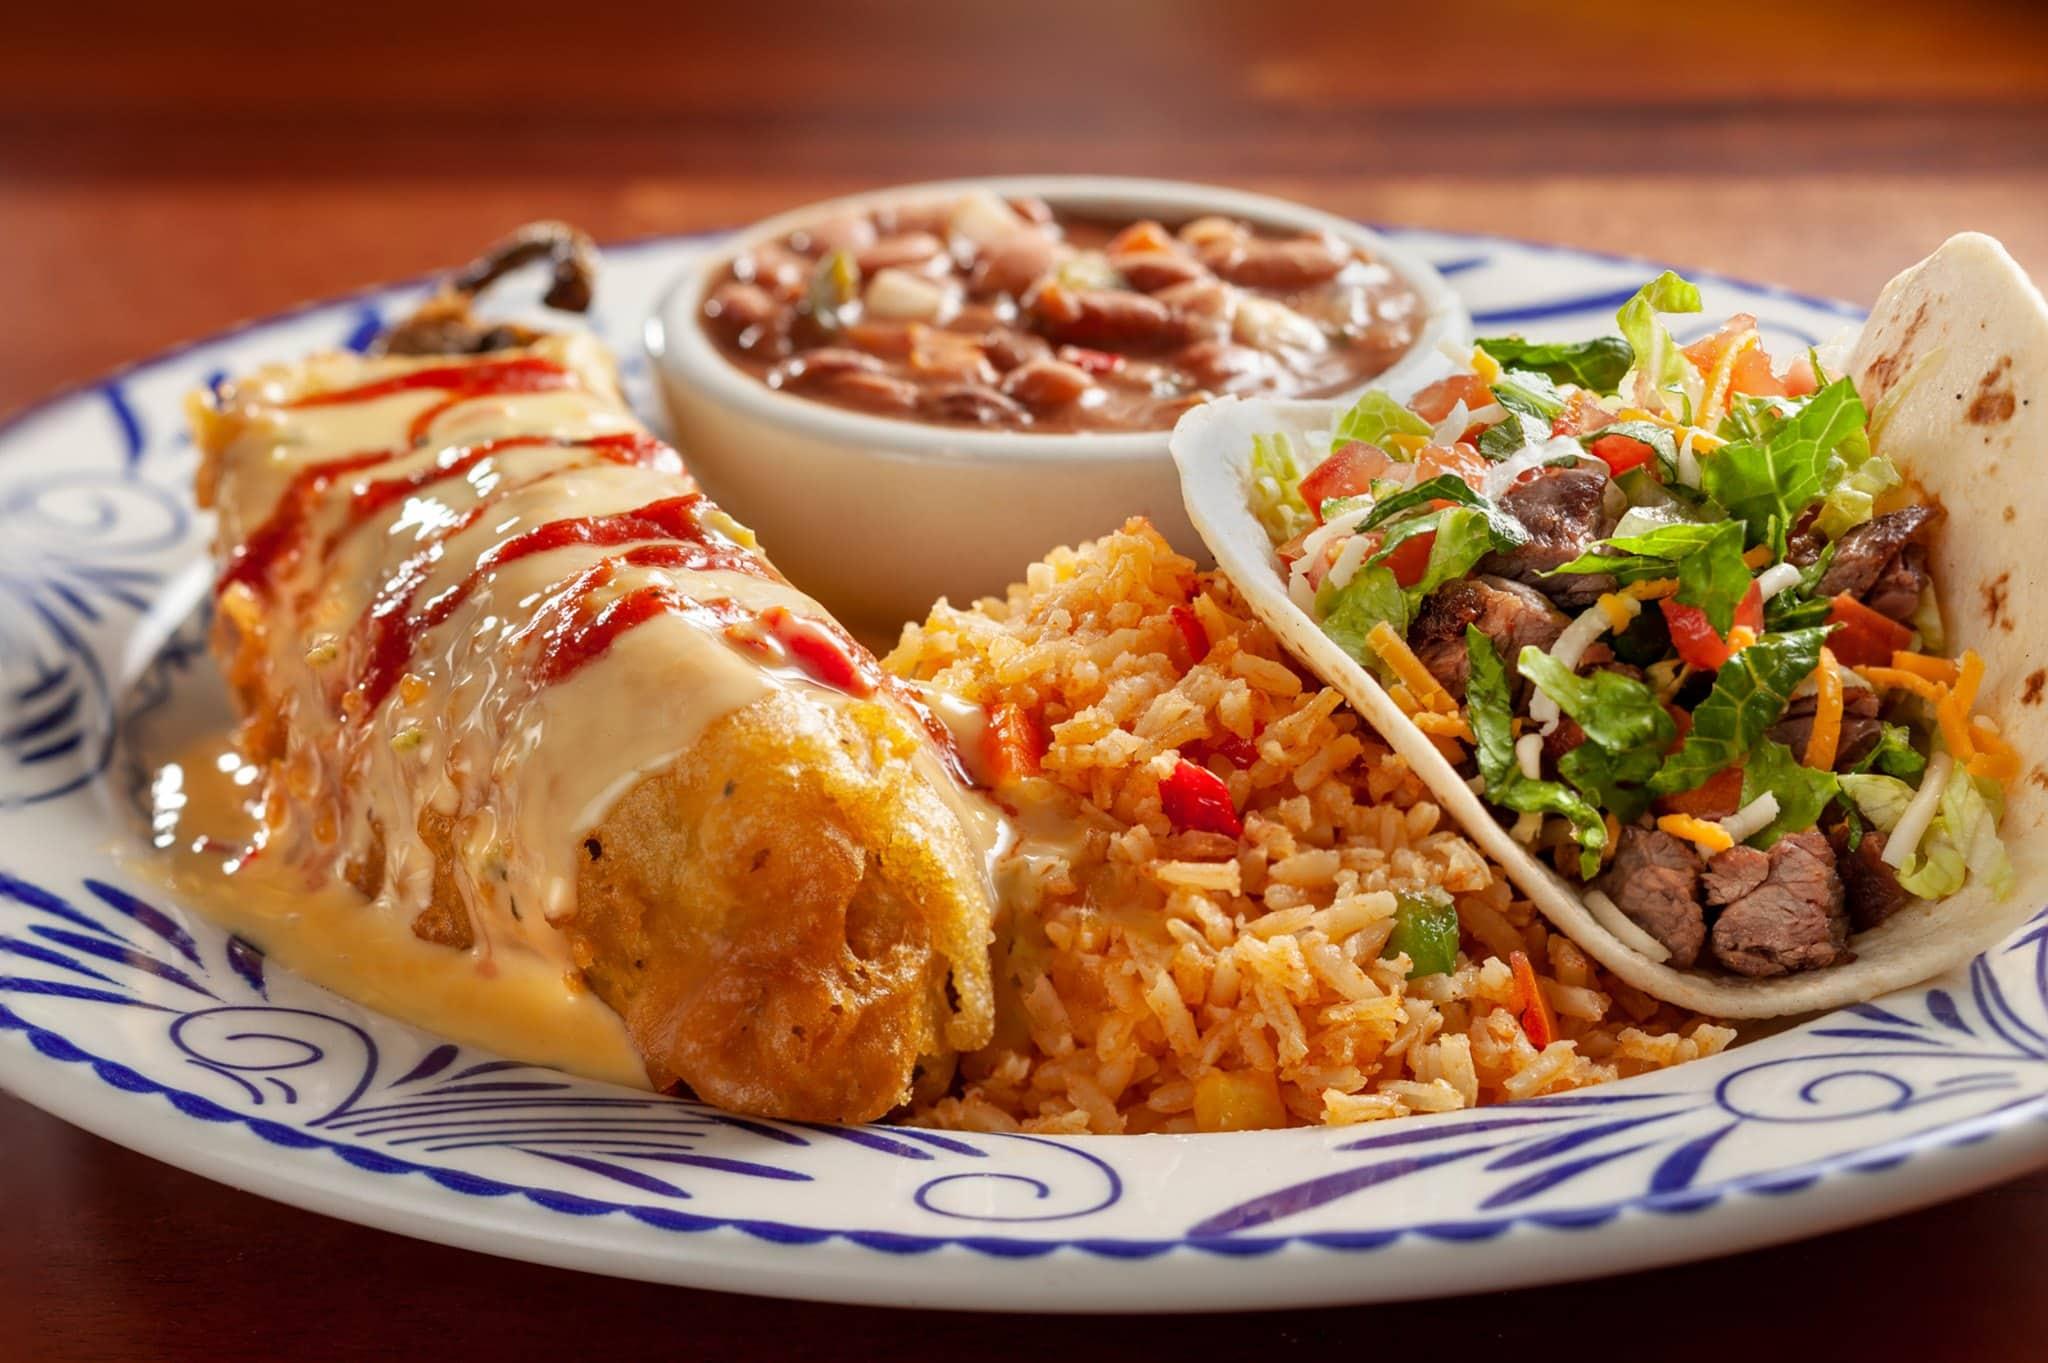 Abuelos - Best Tacos Roanoke VA - Yoanoke